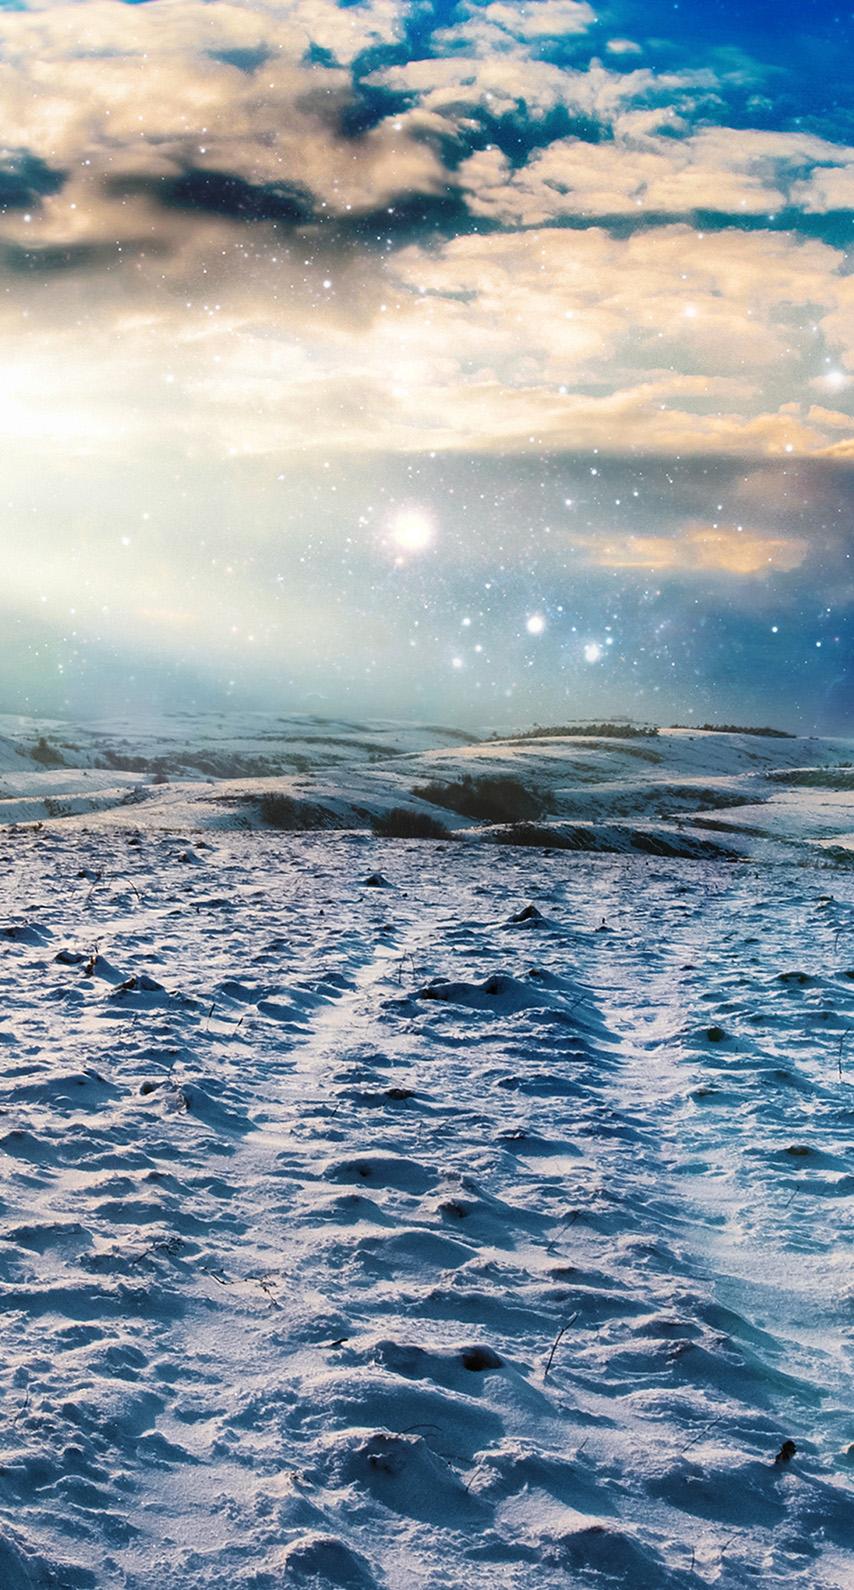 outdoors, surf, seascape, seashore